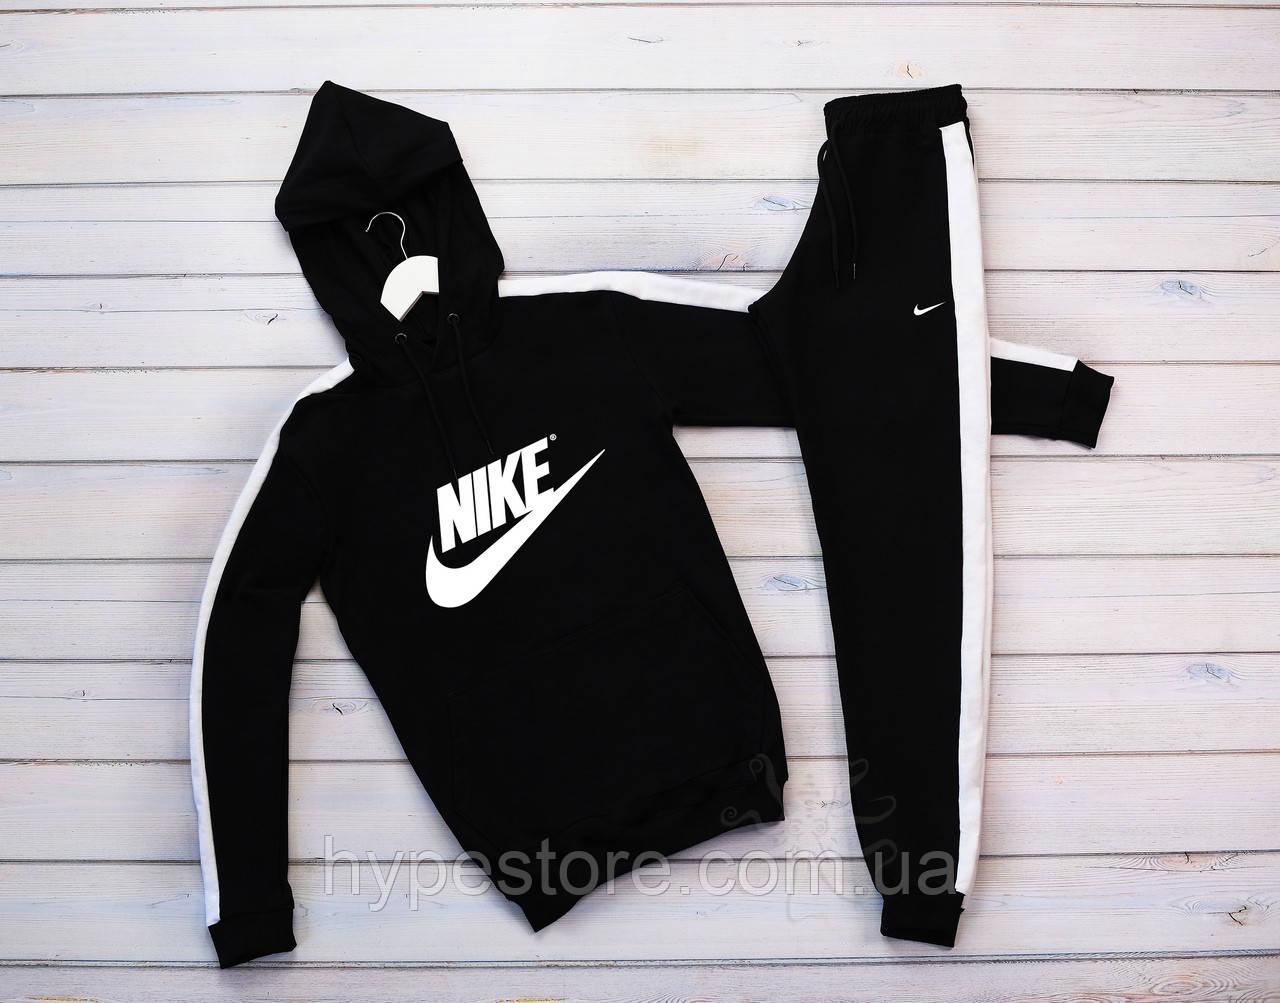 Мужской черный теплый зимний спортивный костюм, с лампасами, с капюшоном на флисе Nike, реплика